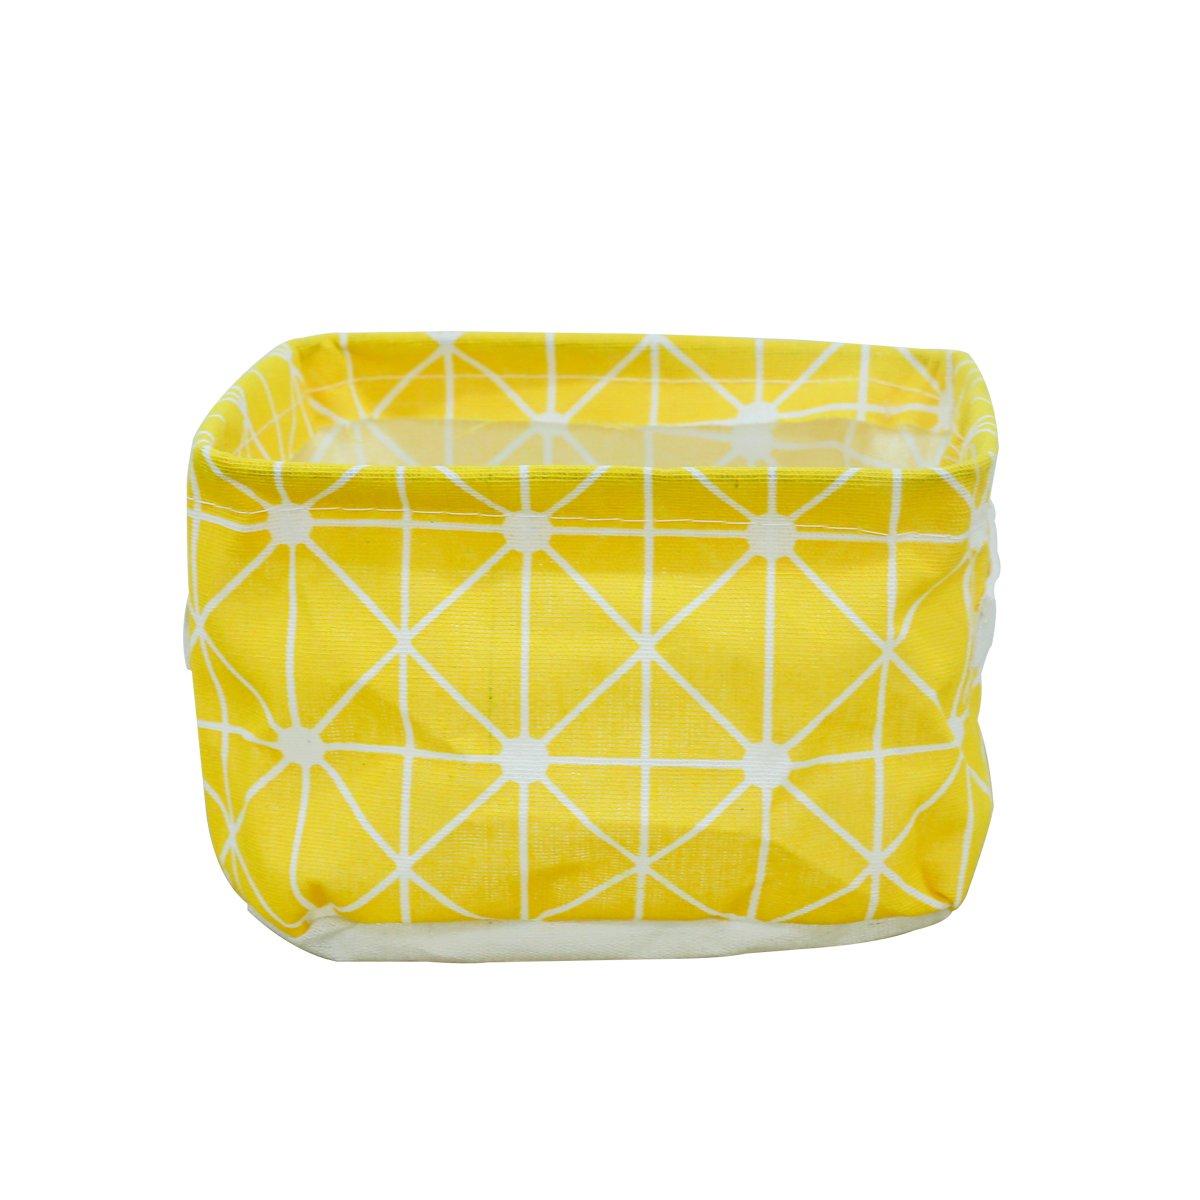 Túi Vật Dụng Đa Năng Beyours Yellow